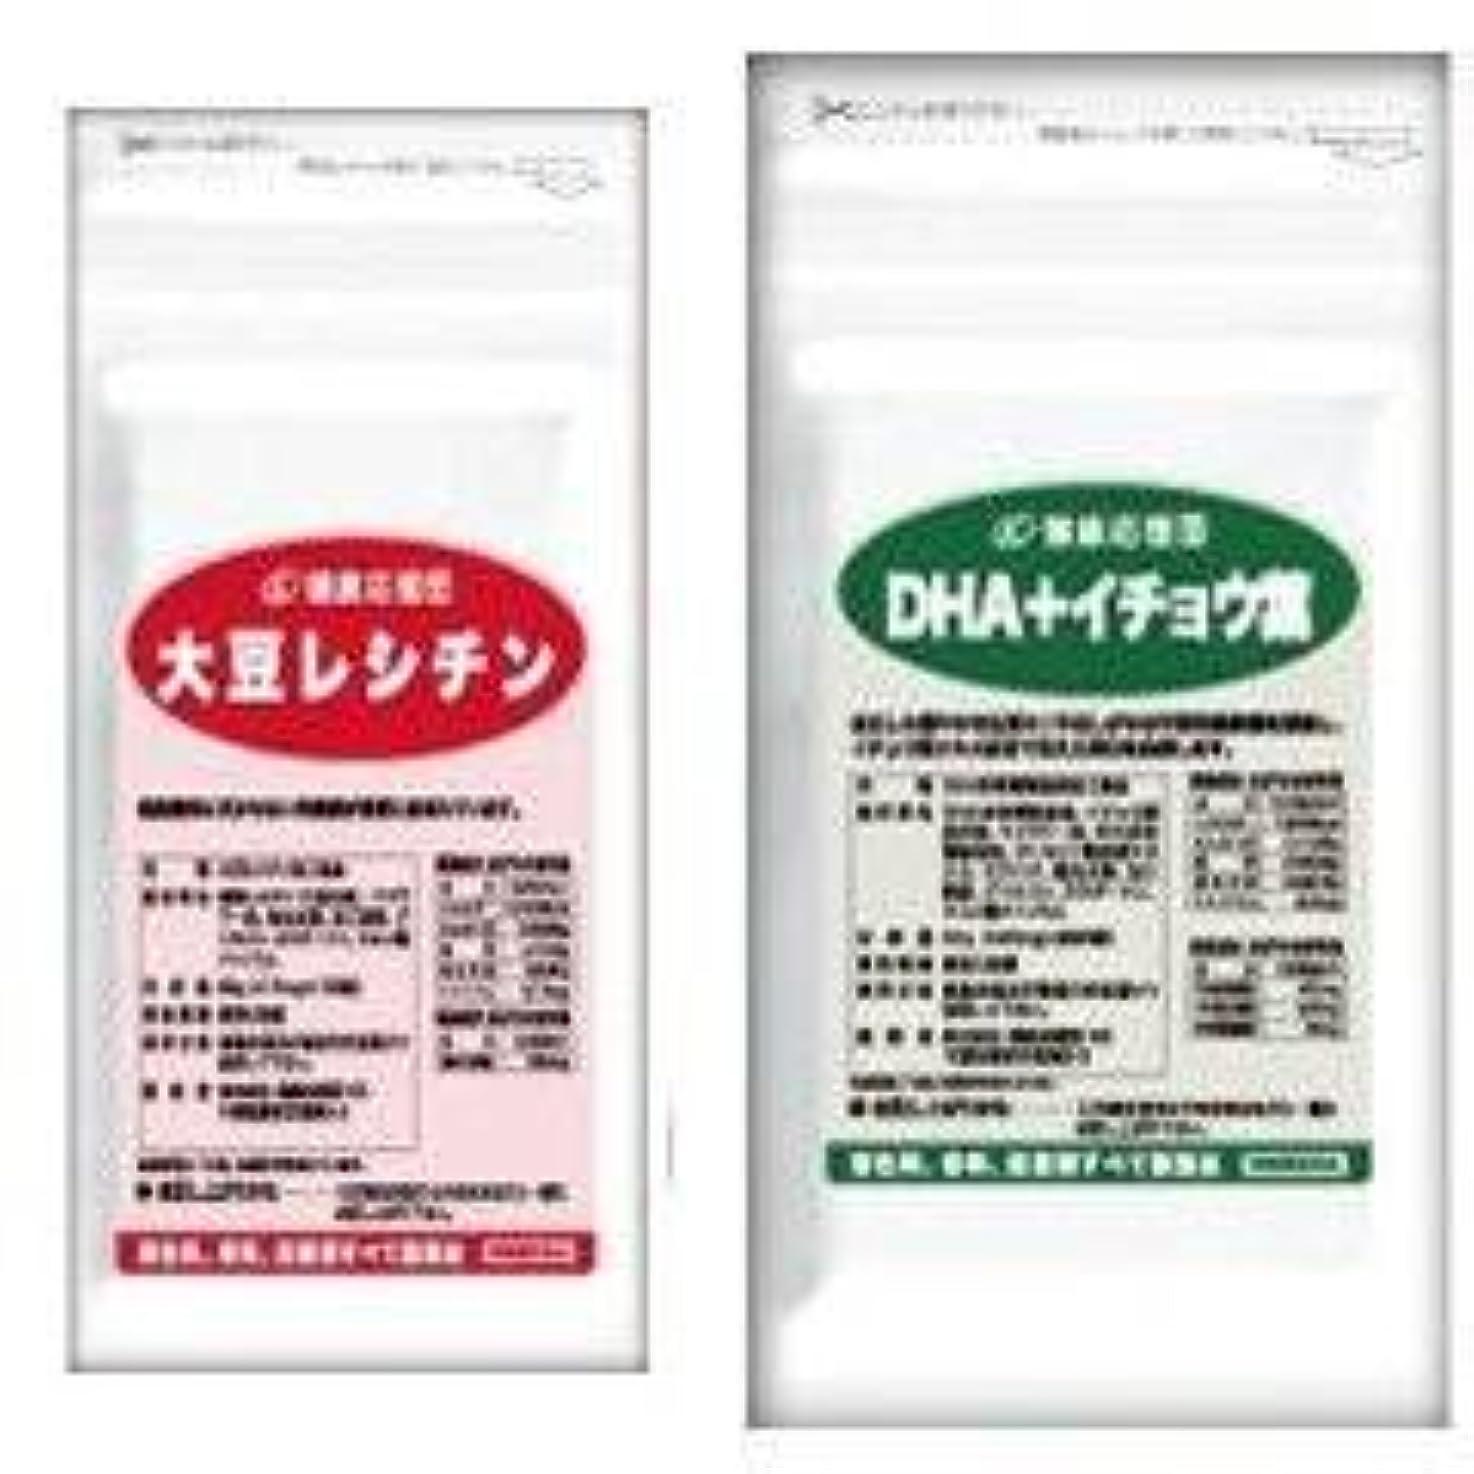 芽観察クロス(お徳用6か月分)流れサラサラセット 大豆レシチン+(DHA?EPA+イチョウ葉)6袋&6袋セット